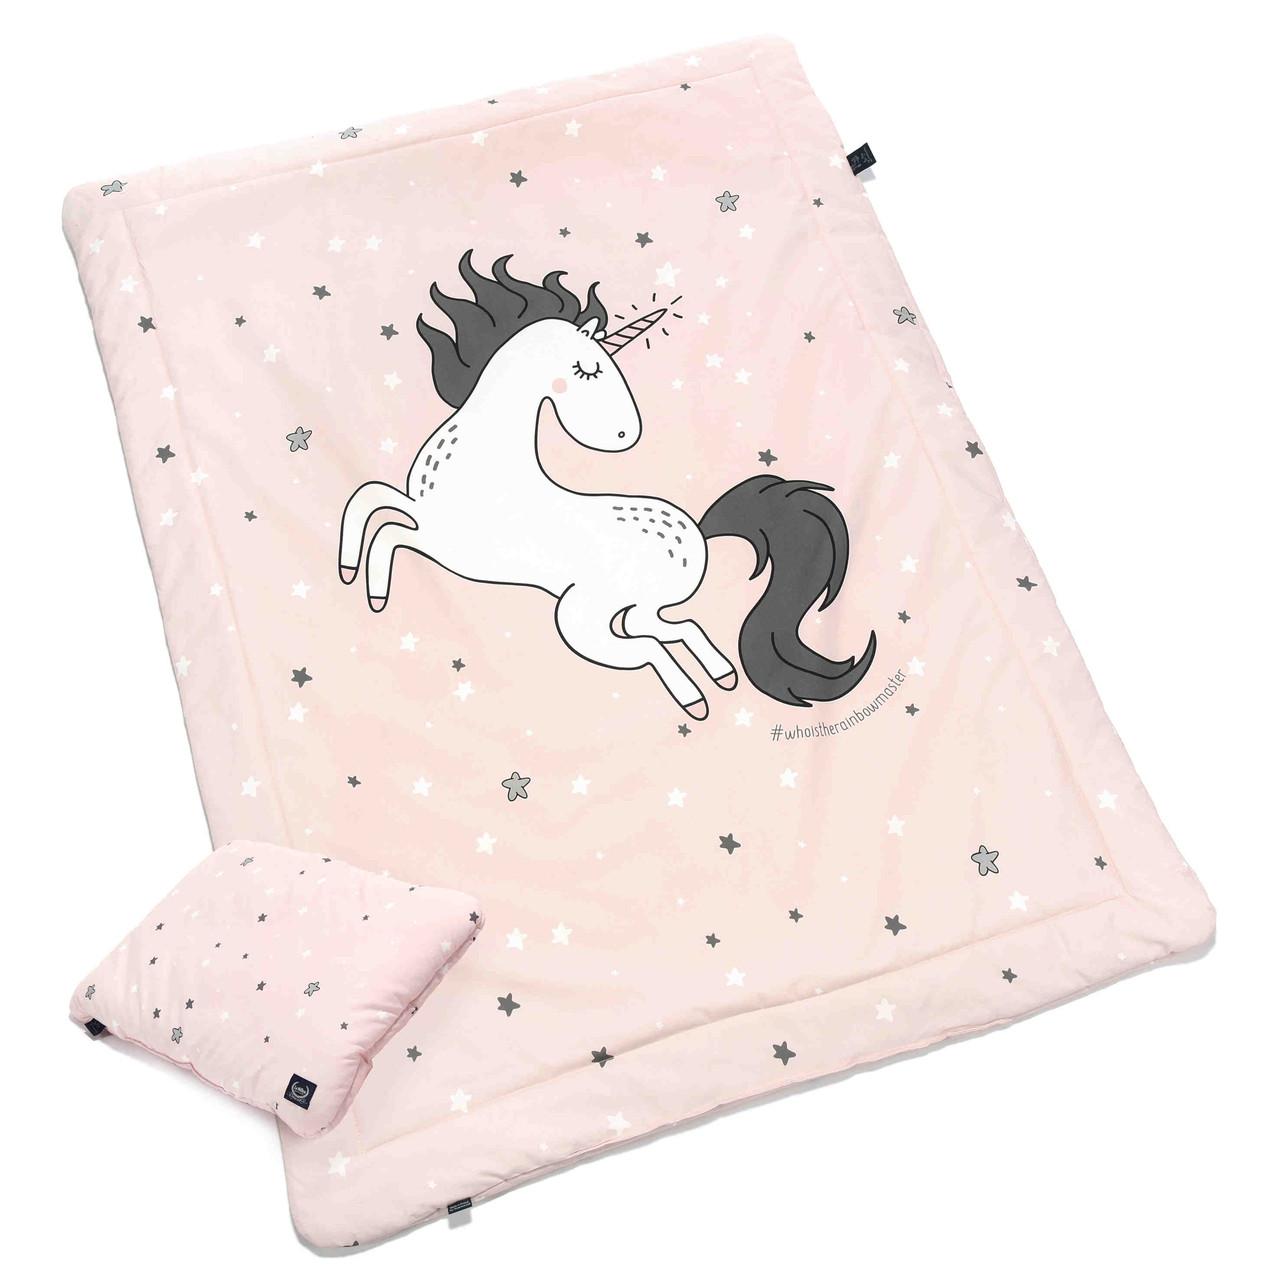 Постельное белье La Millou Junior Unicorn Shugar Bebe Star